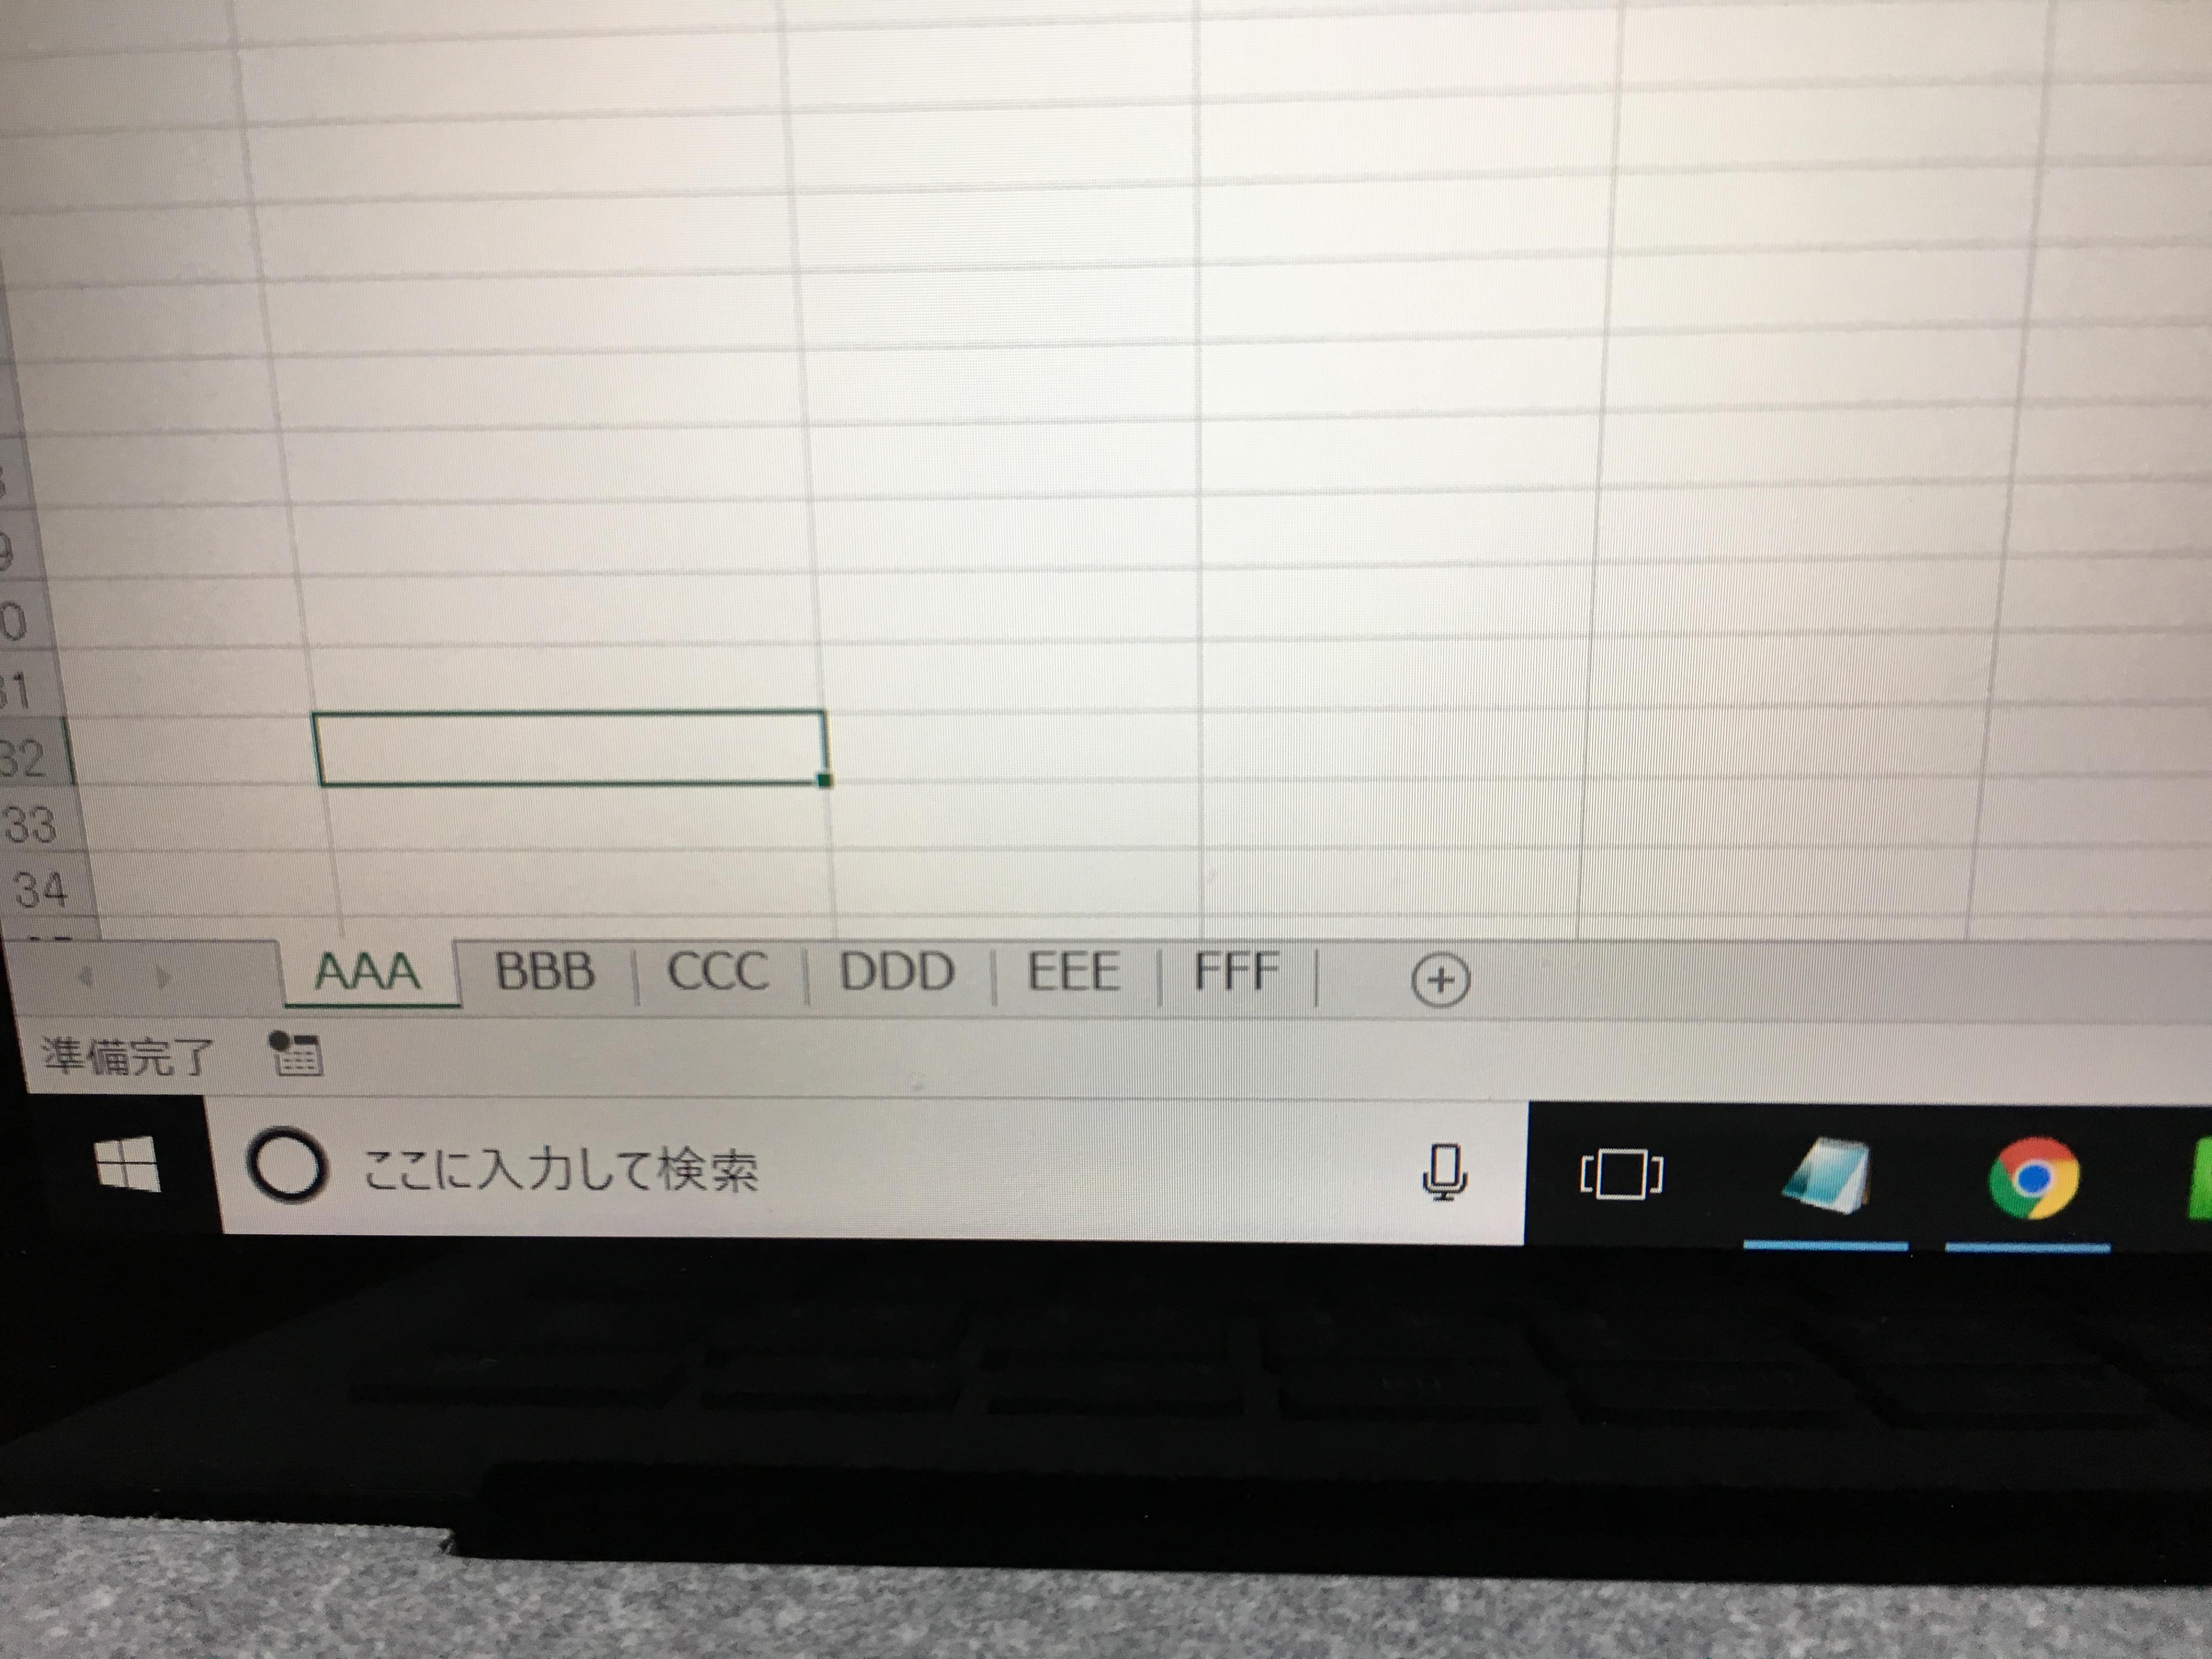 excel エクセル で 全てのシートを一括でプリントアウトする方法 従業